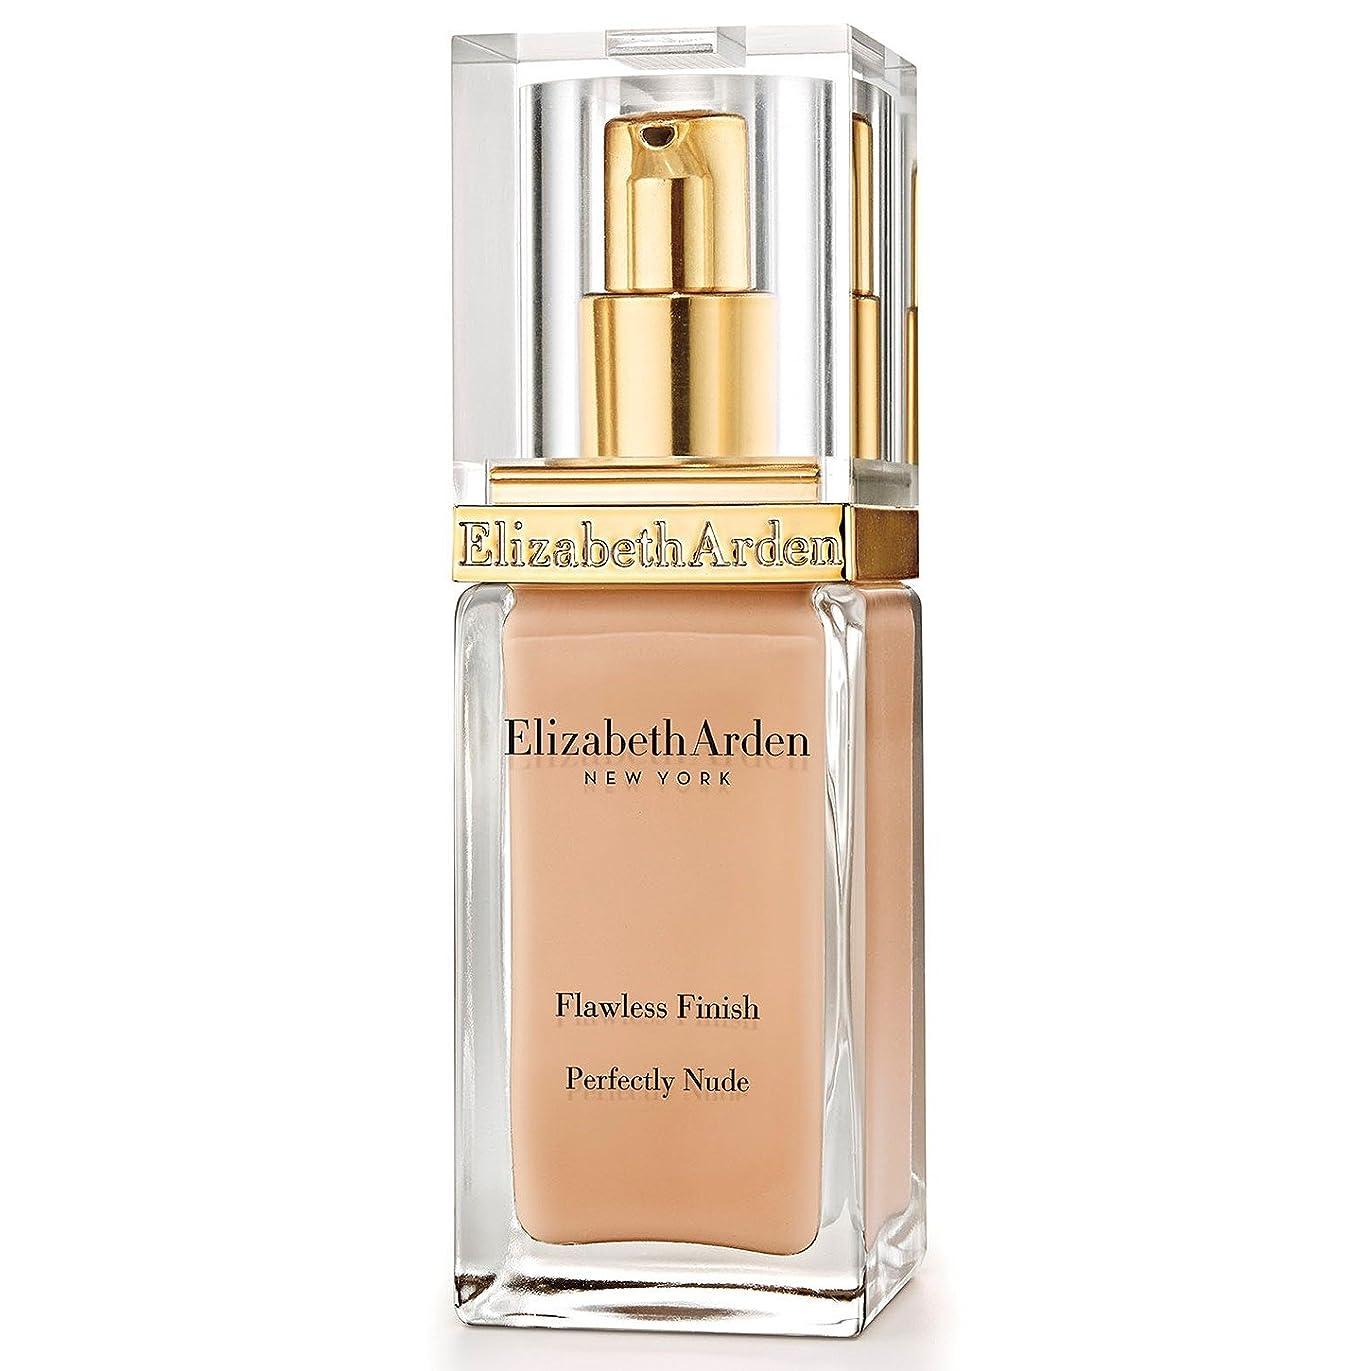 エリザベスは、完璧な仕上がり完璧ヌード基礎 15リネンアーデン x2 - Elizabeth Arden Flawless Finish Perfectly Nude Foundation SPF 15 Linen (Pack of 2) [並行輸入品]